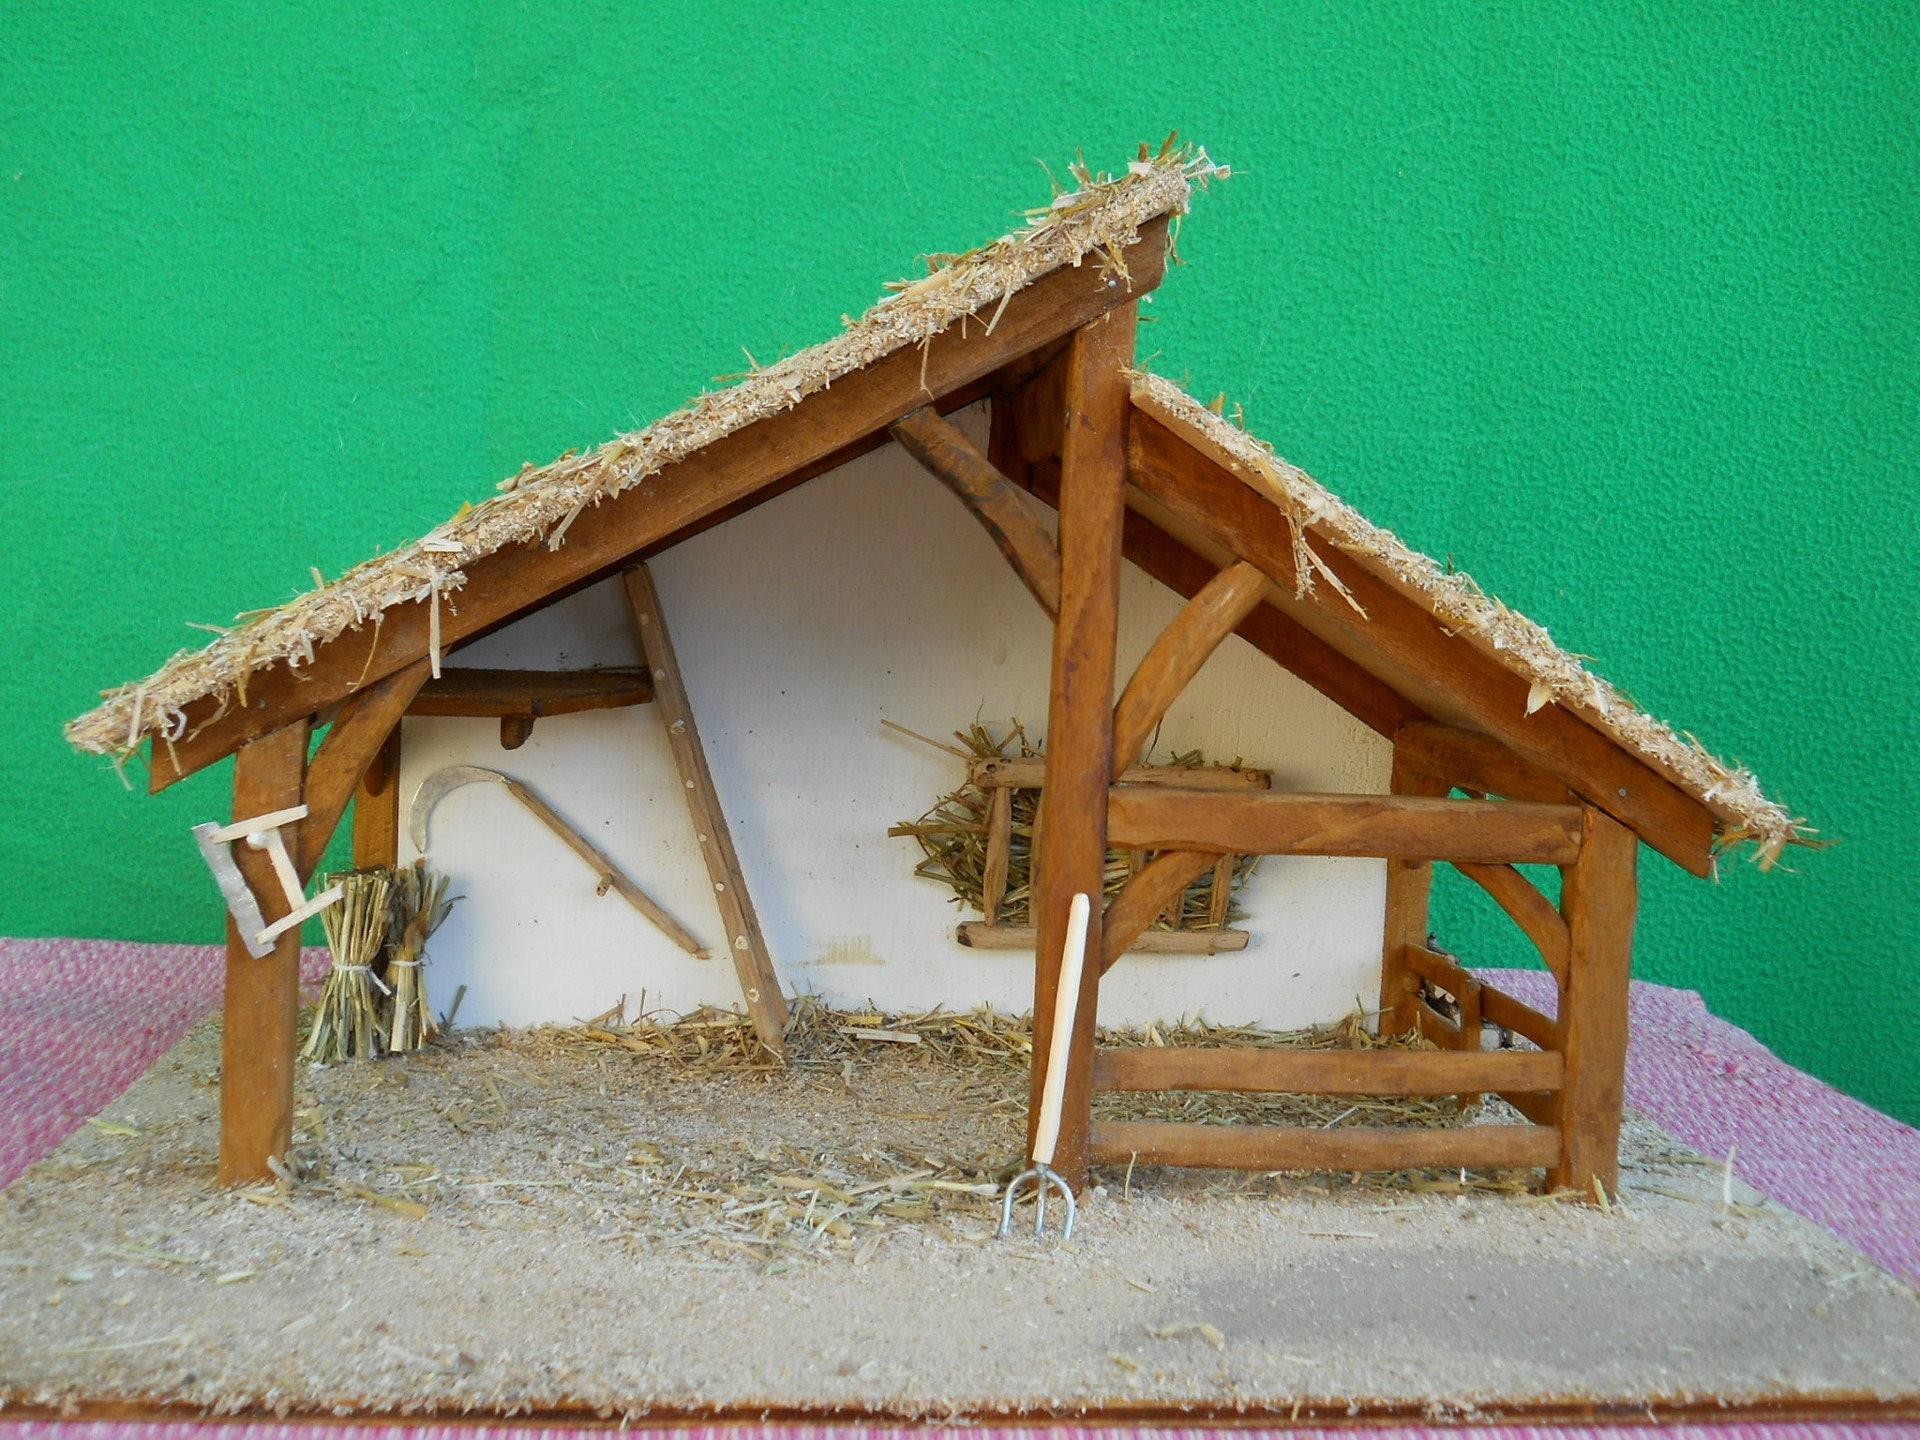 Cr che de no l fait main en bois no lla avec - Fabriquer une creche de noel en bois ...